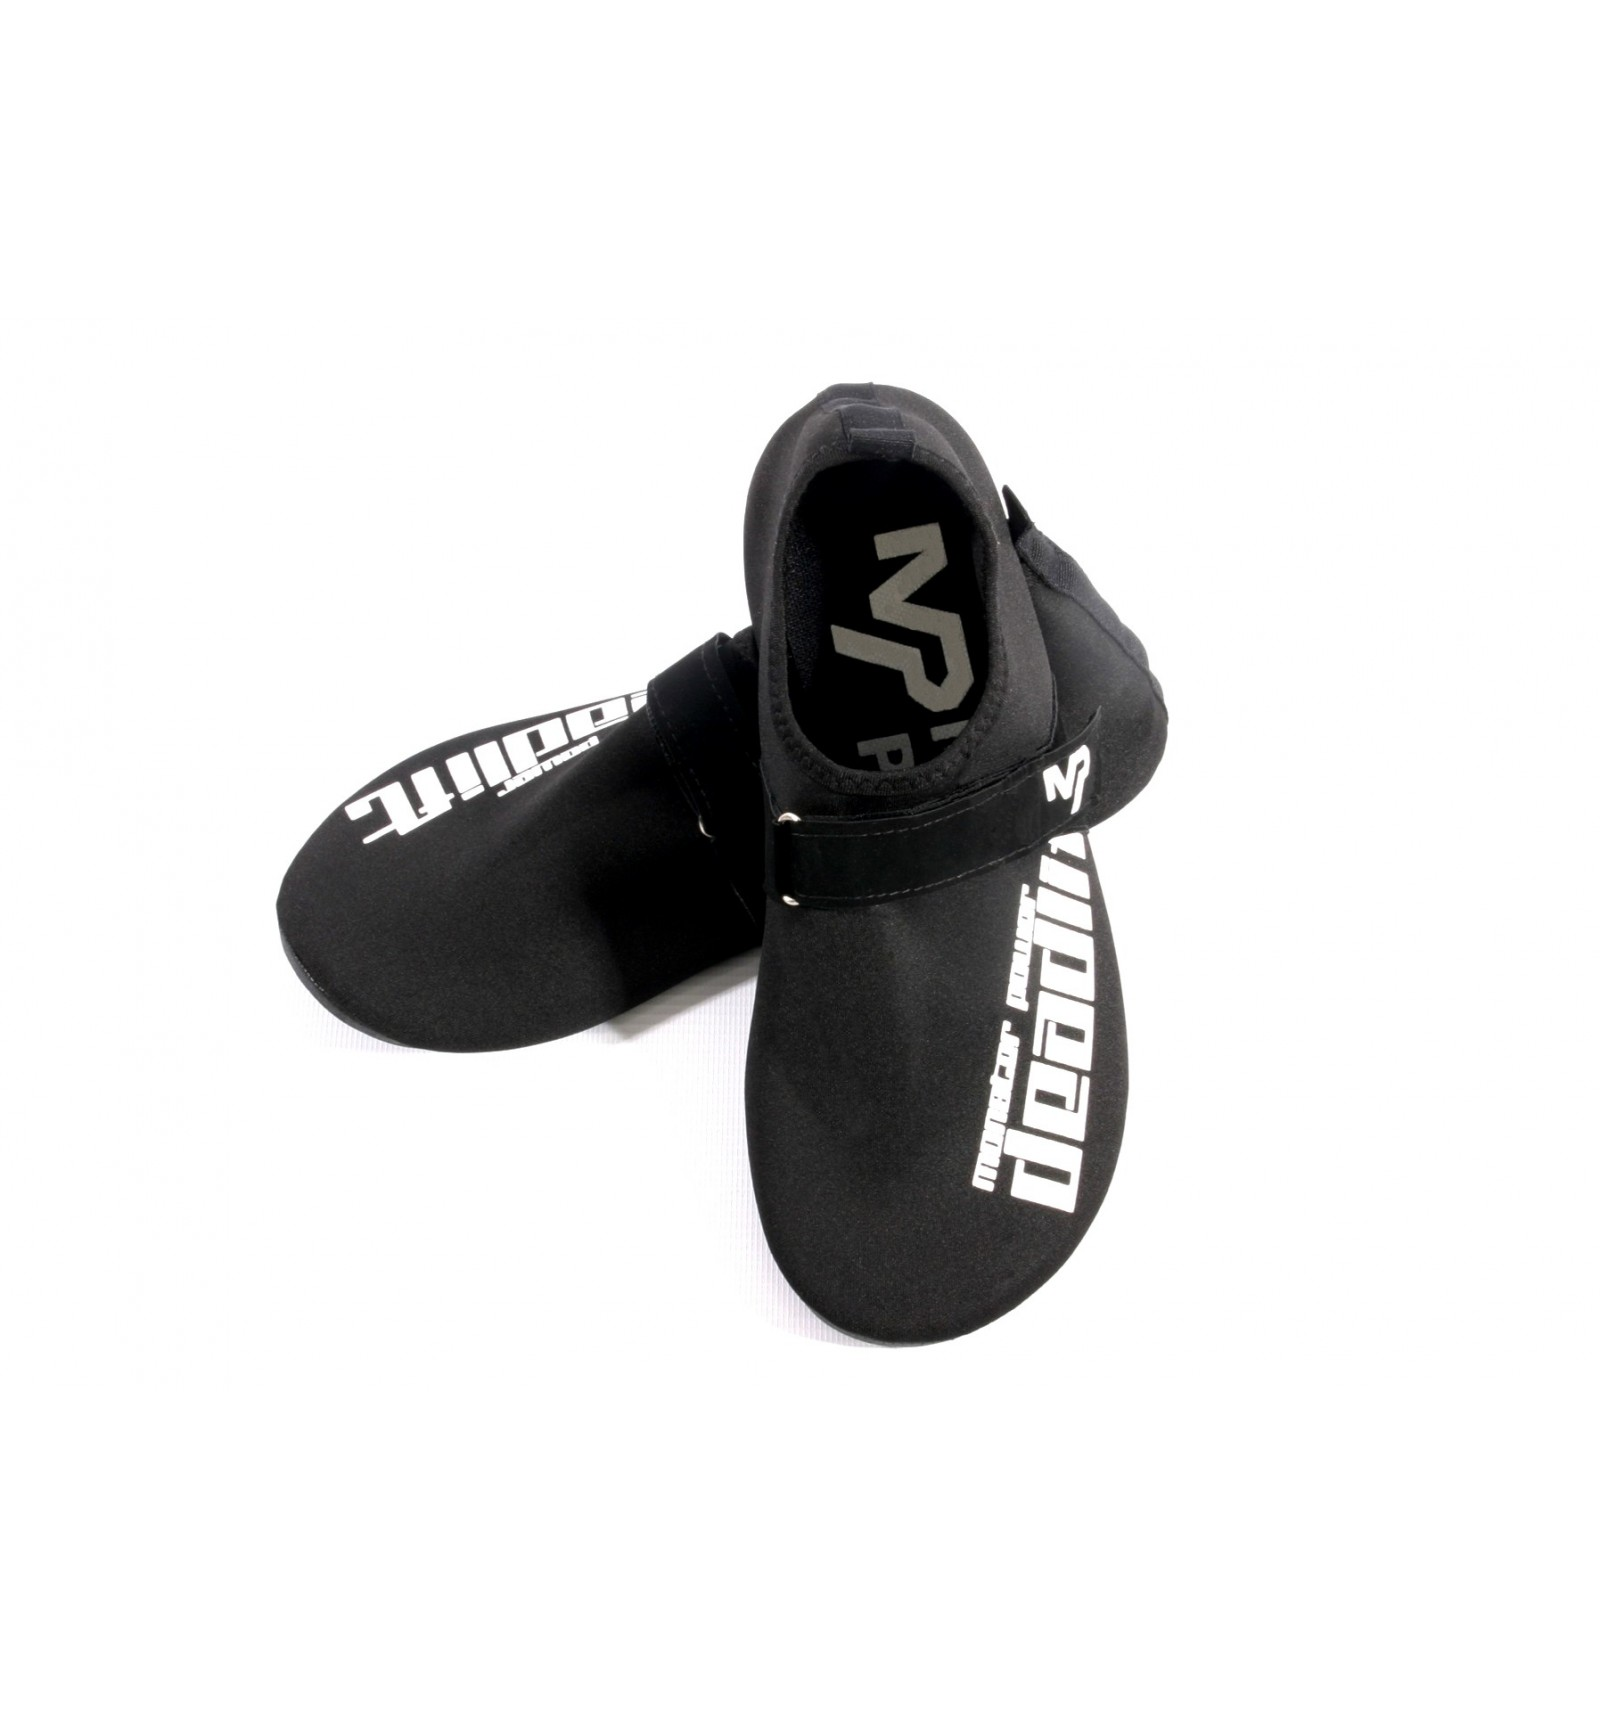 17f361df386d Black Deadlift Slippers - sklep e-powerlifting.com